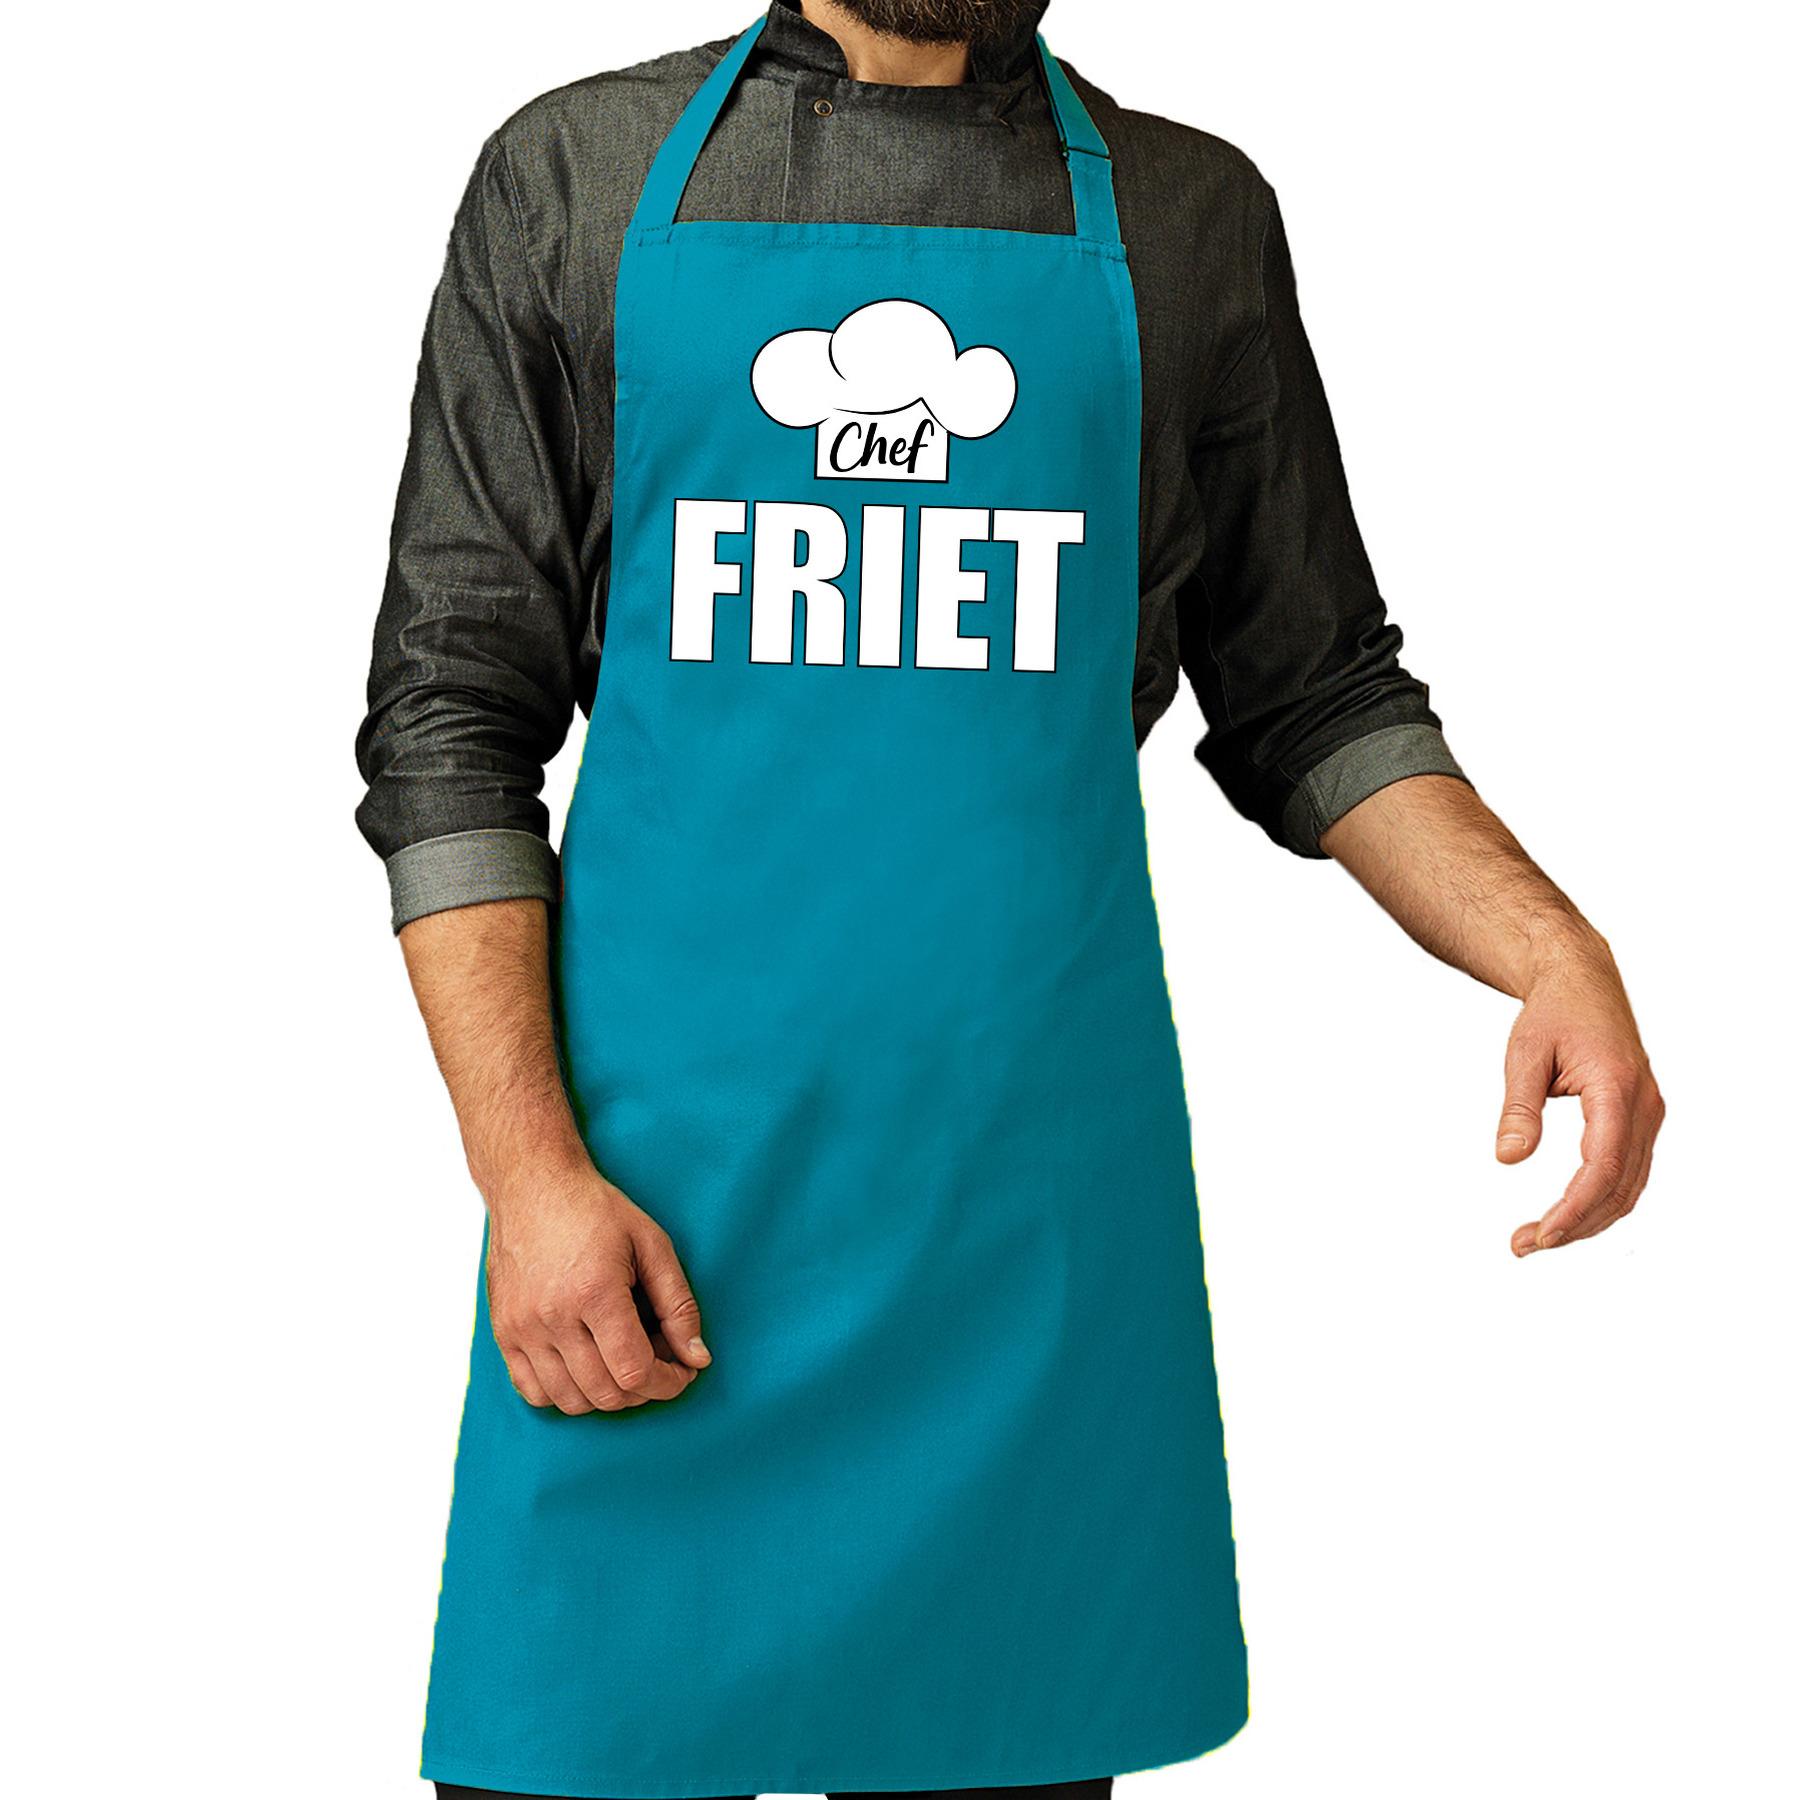 Chef friet schort - keukenschort turquoise heren